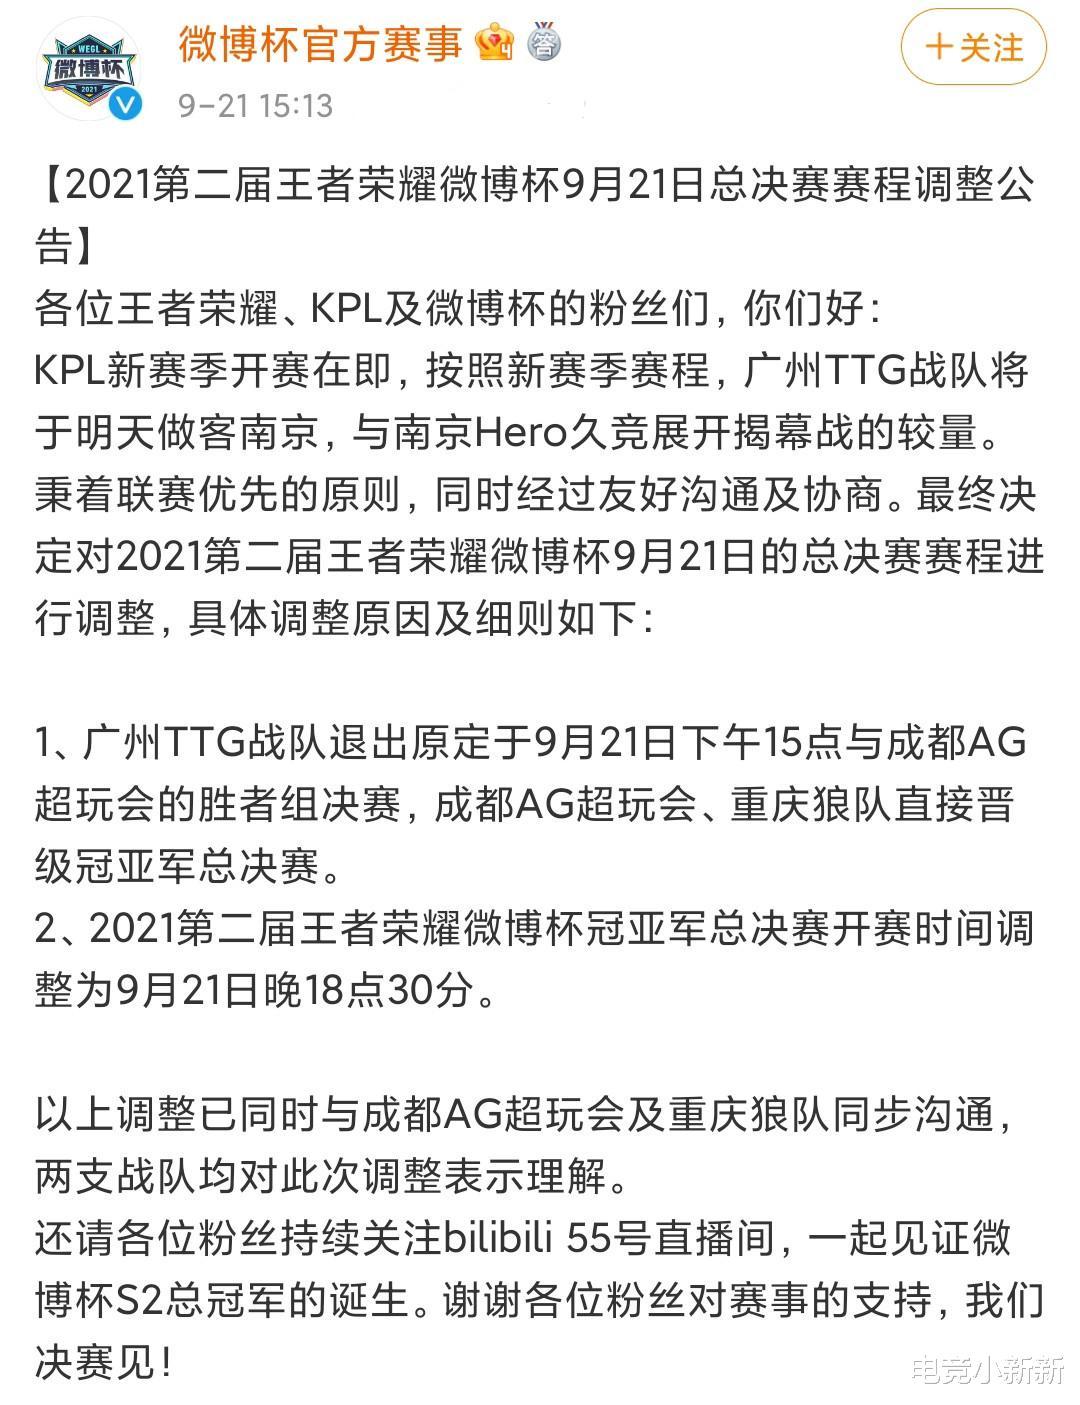 """《【煜星登陆地址】KPL""""弃权队""""诞生,AG和狼队躺进微博杯总决赛!网友炸了:TTG=退堂鼓》"""